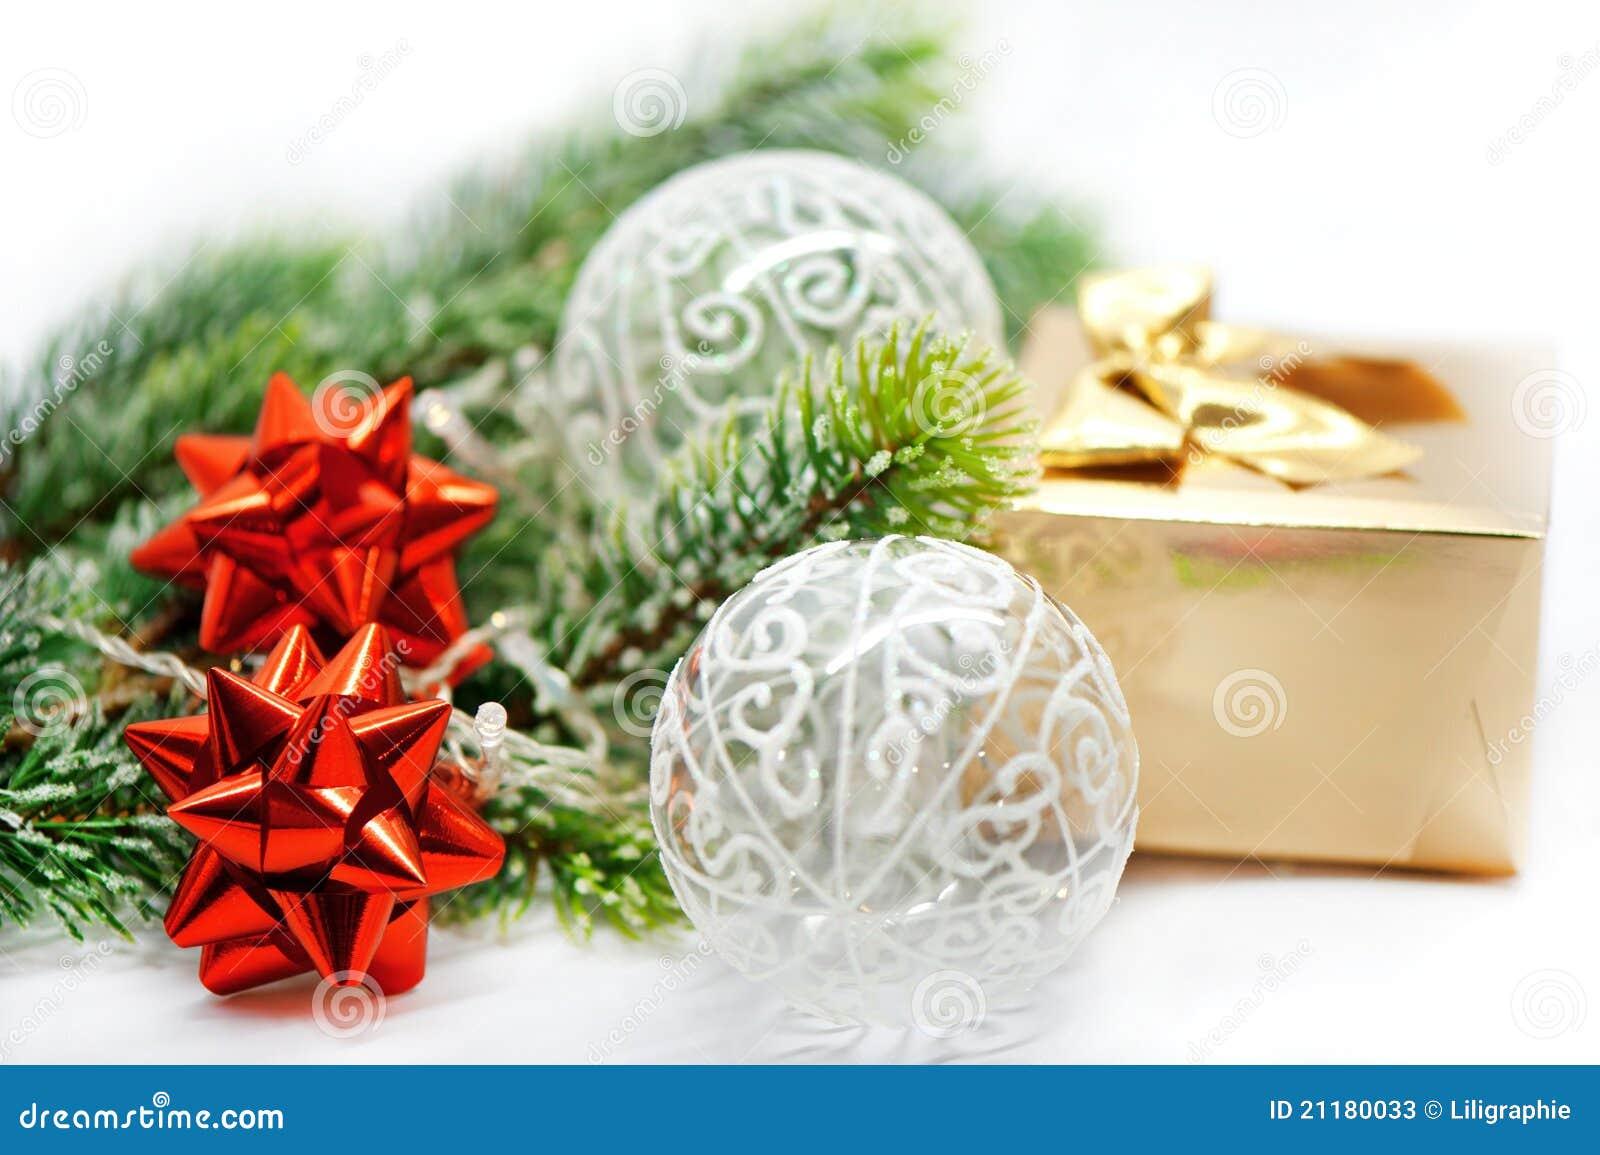 Christmas decor. red ribbon, golden gift, balls